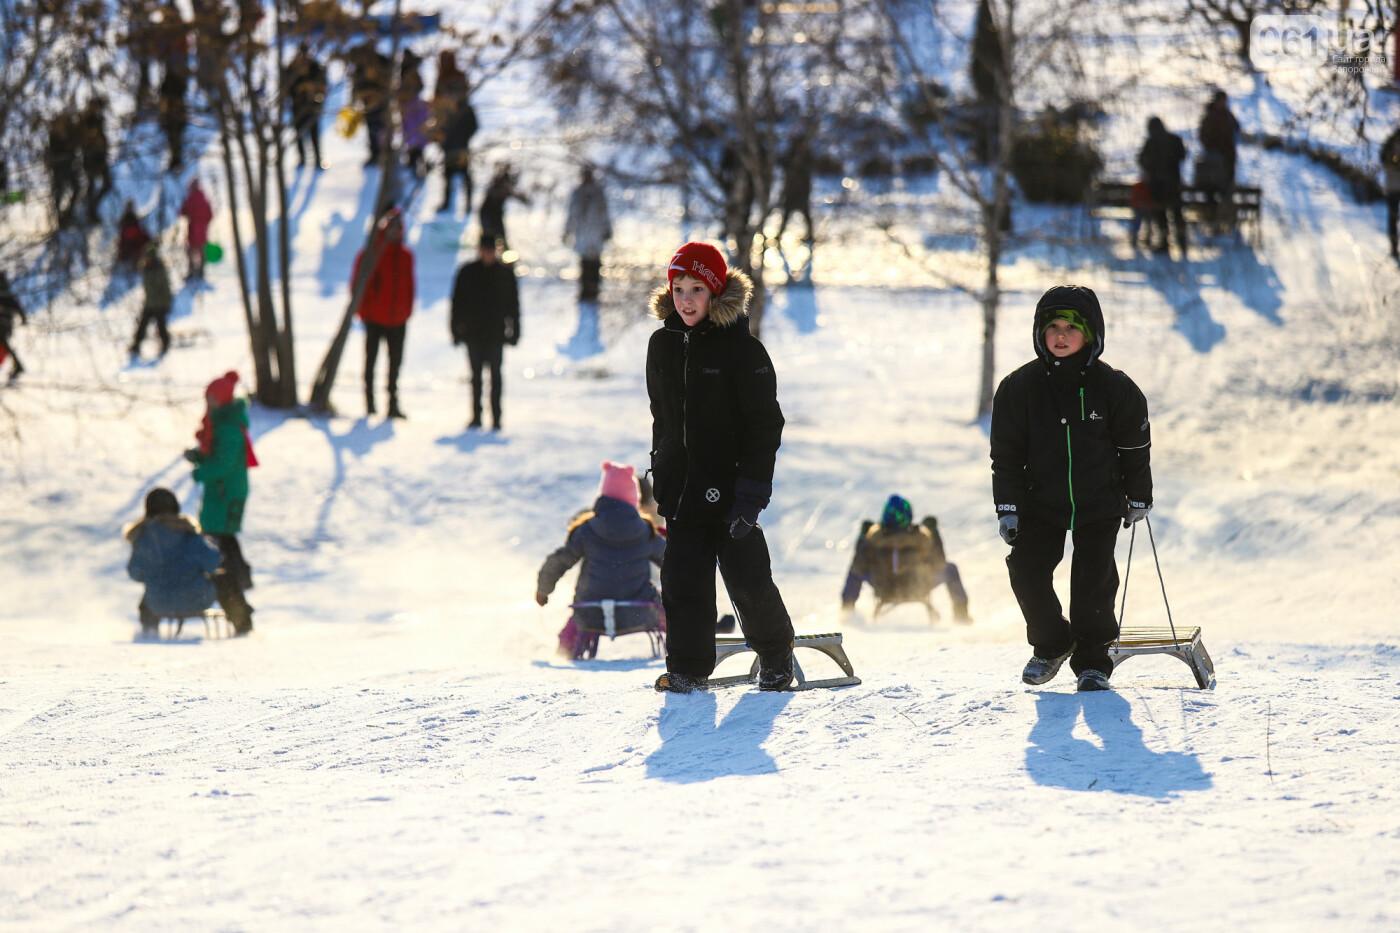 На санках, лыжах и сноуборде: запорожцы устроили массовое катание с горок в Вознесеновском парке, - ФОТОРЕПОРТАЖ, фото-41